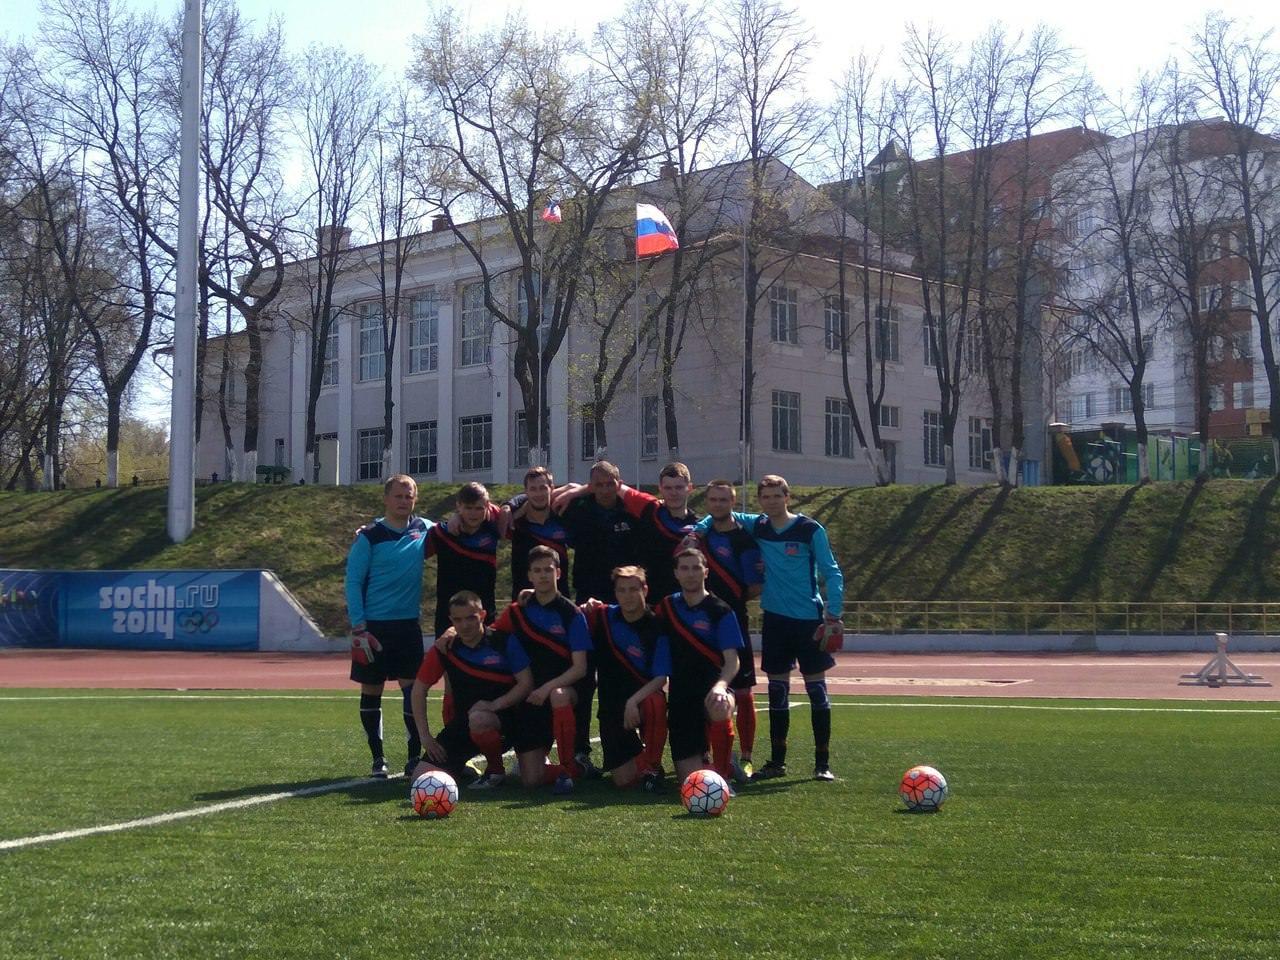 Поздравляем с завершением Чемпионата Академии по футболу!! Поздравляем с завершением Чемпионата Академии по футболу!!